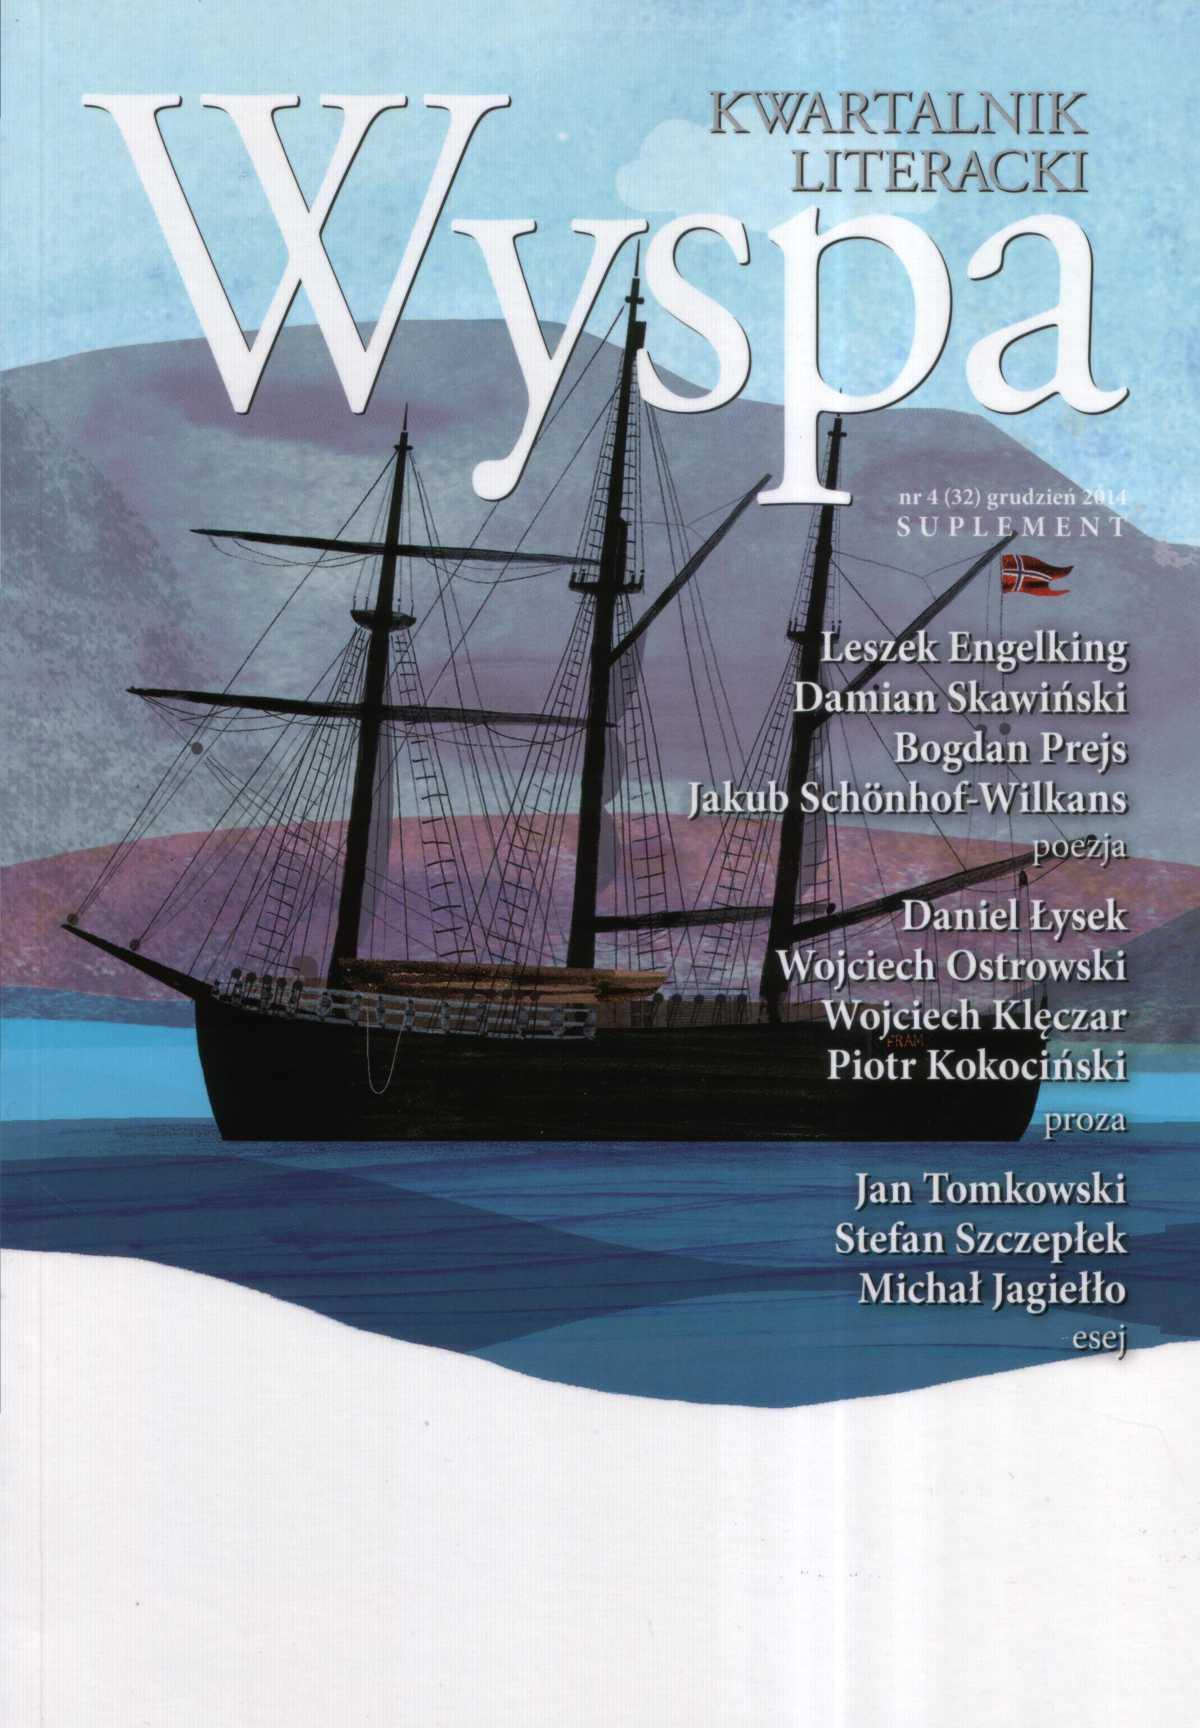 WYSPA Kwartalnik Literacki nr 4/2014 (32) - Suplement - Ebook (Książka na Kindle) do pobrania w formacie MOBI